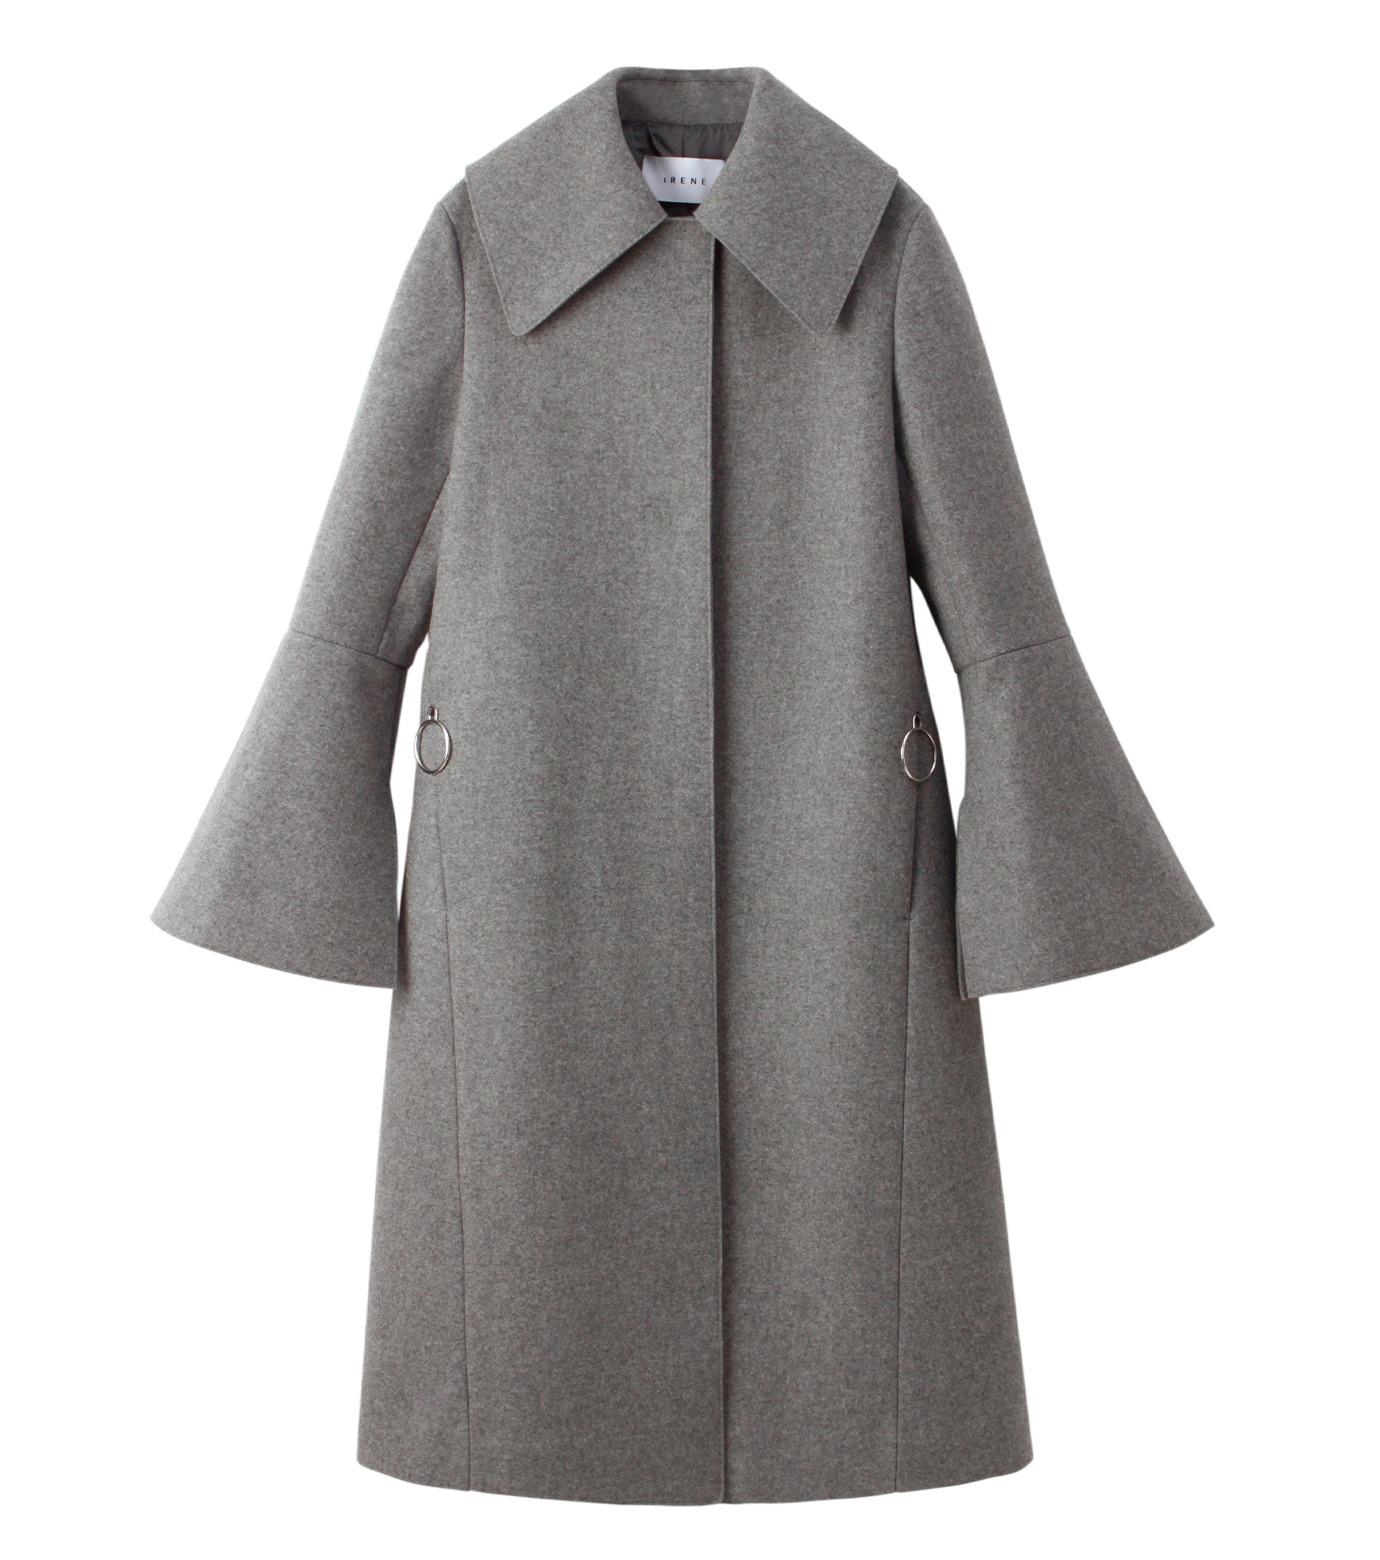 IRENE(アイレネ)のベルスリーブトレンチコート-GRAY(コート/coat)-18A89004 拡大詳細画像7